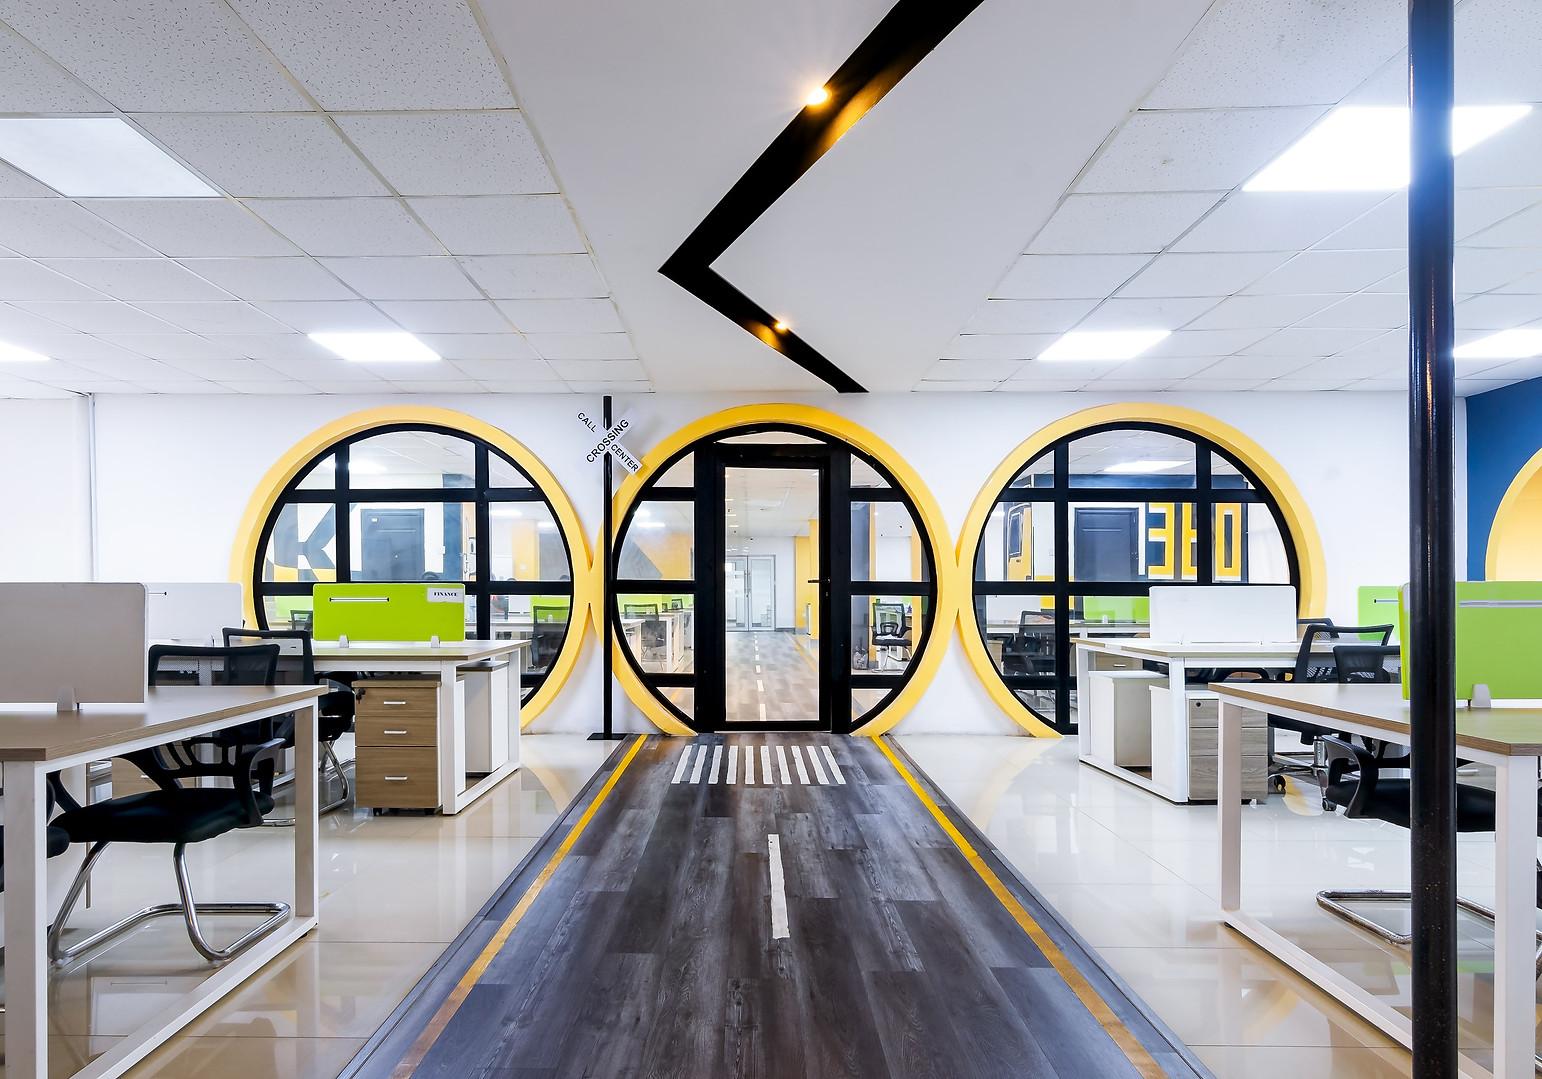 360 Office Interior_10.jpg